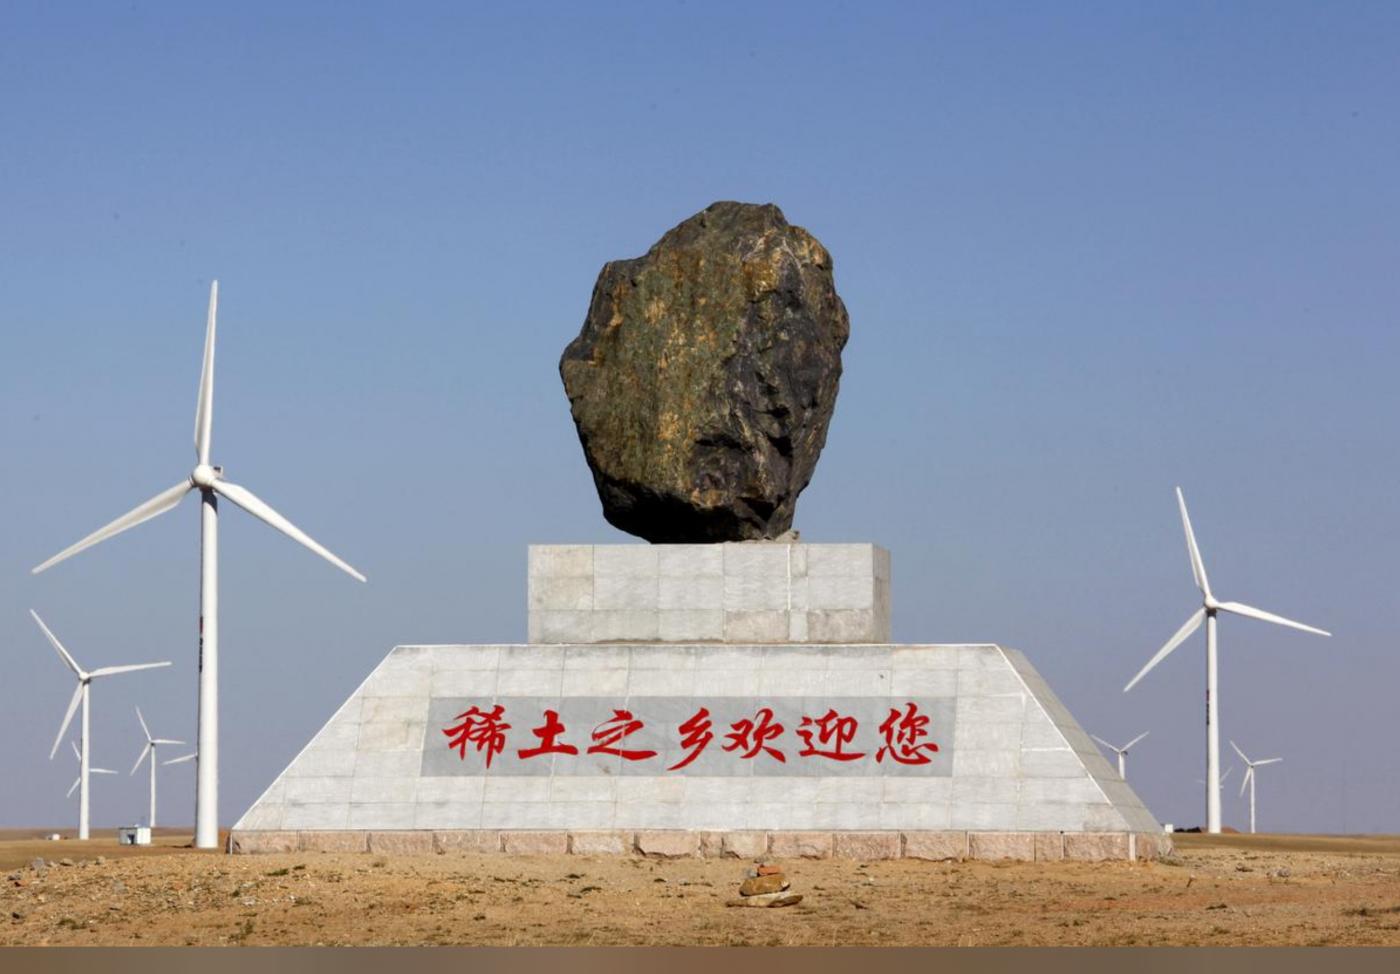 稀土金属可能成为中国的报复手段吗?_图1-1